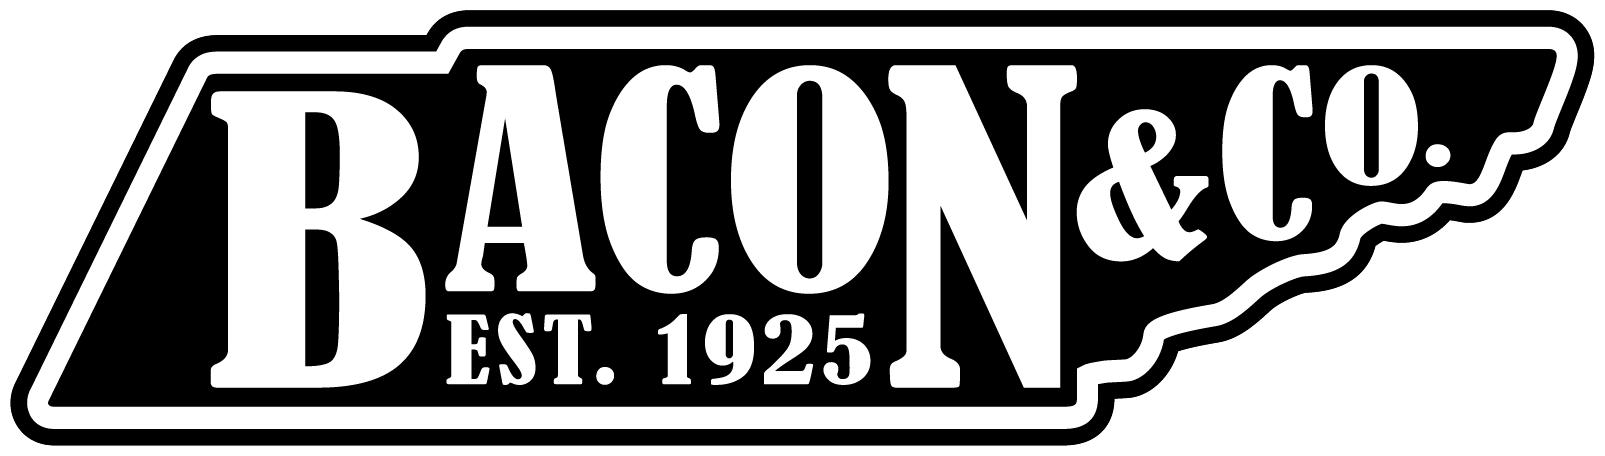 Bacon and Company